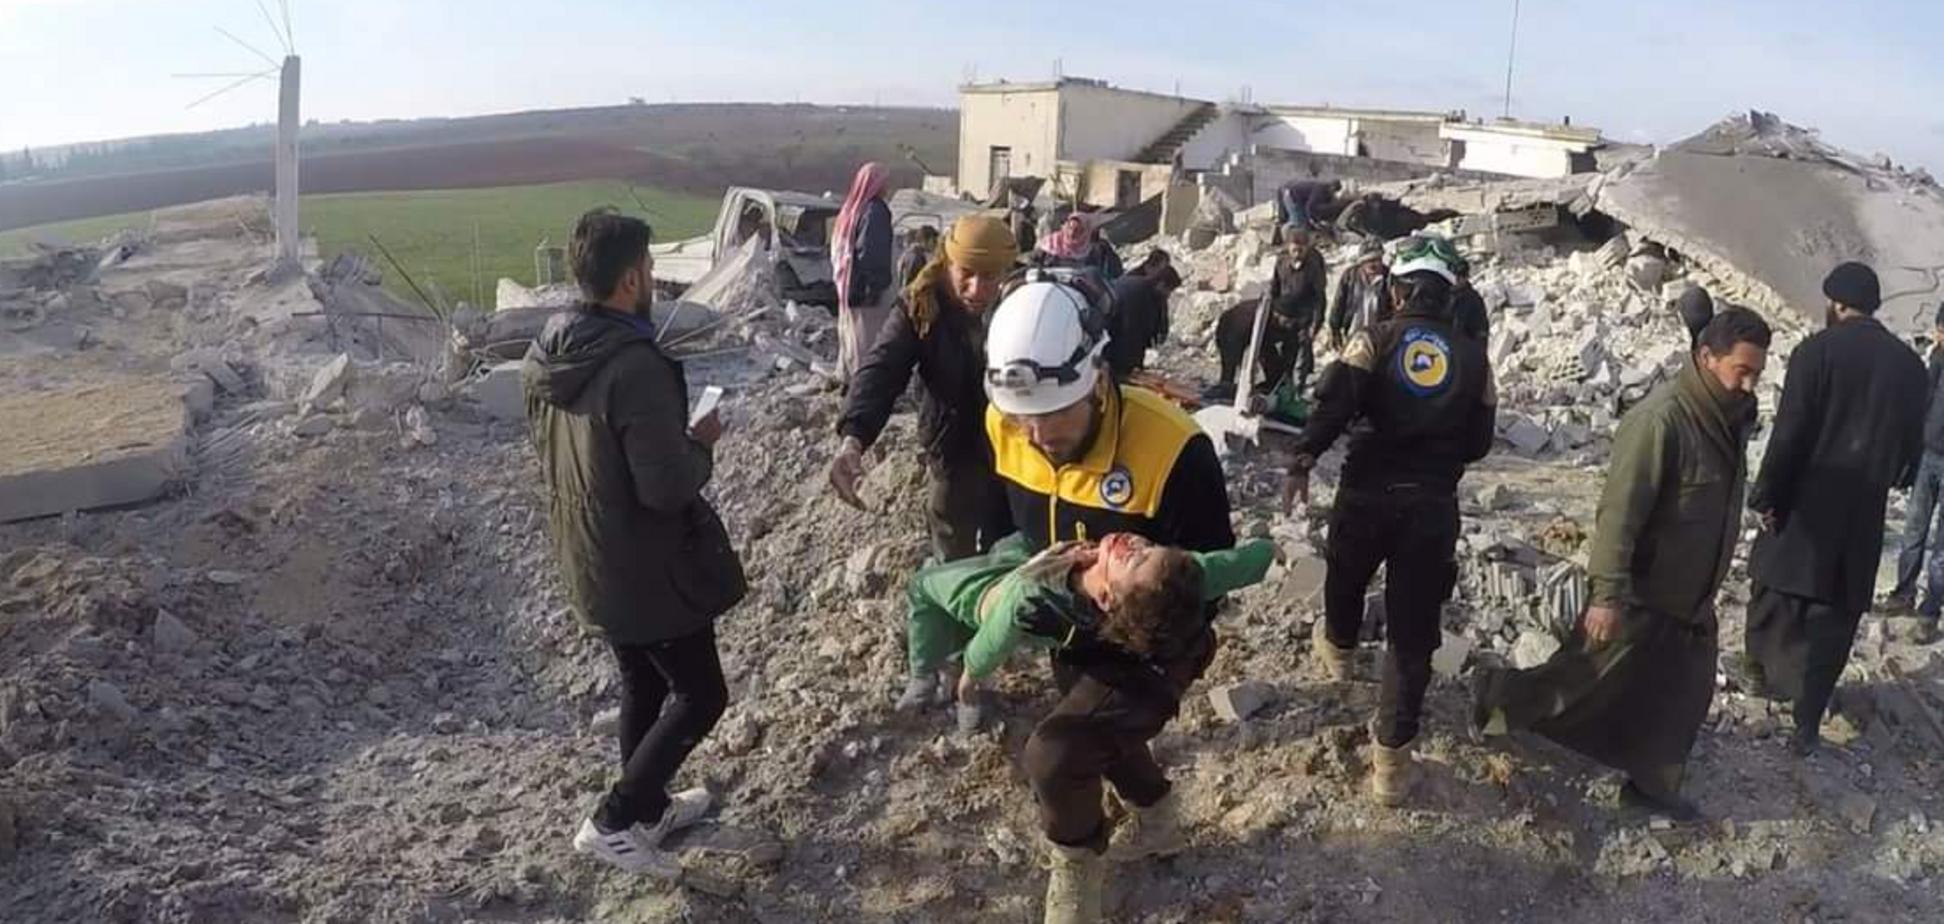 Літаки Росії завдали потужного удару по Сирії: з'явилося моторошне відео